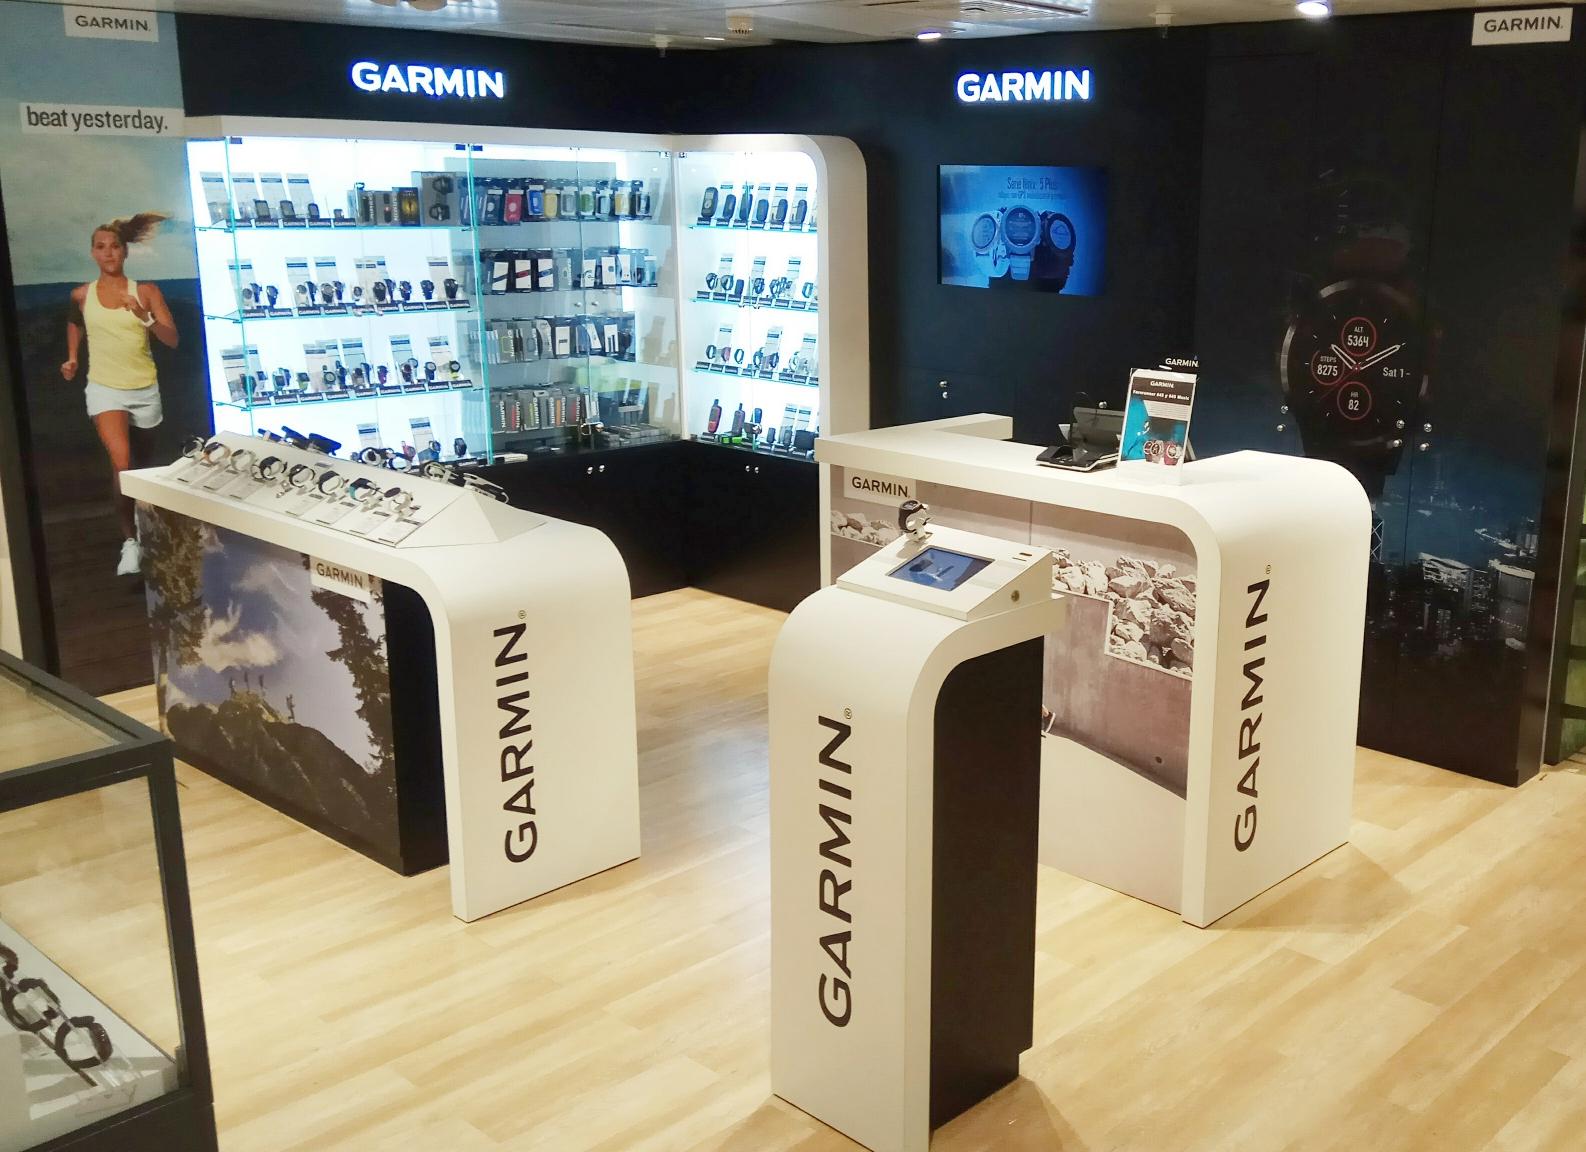 3d3f621a31 Tienda Garmin Madrid: Abierta en Corte Inglés Pozuelo de Alarcón. Más Garmin  Store de la marca en España.   MOXIGENO.COM, por Mayayo.